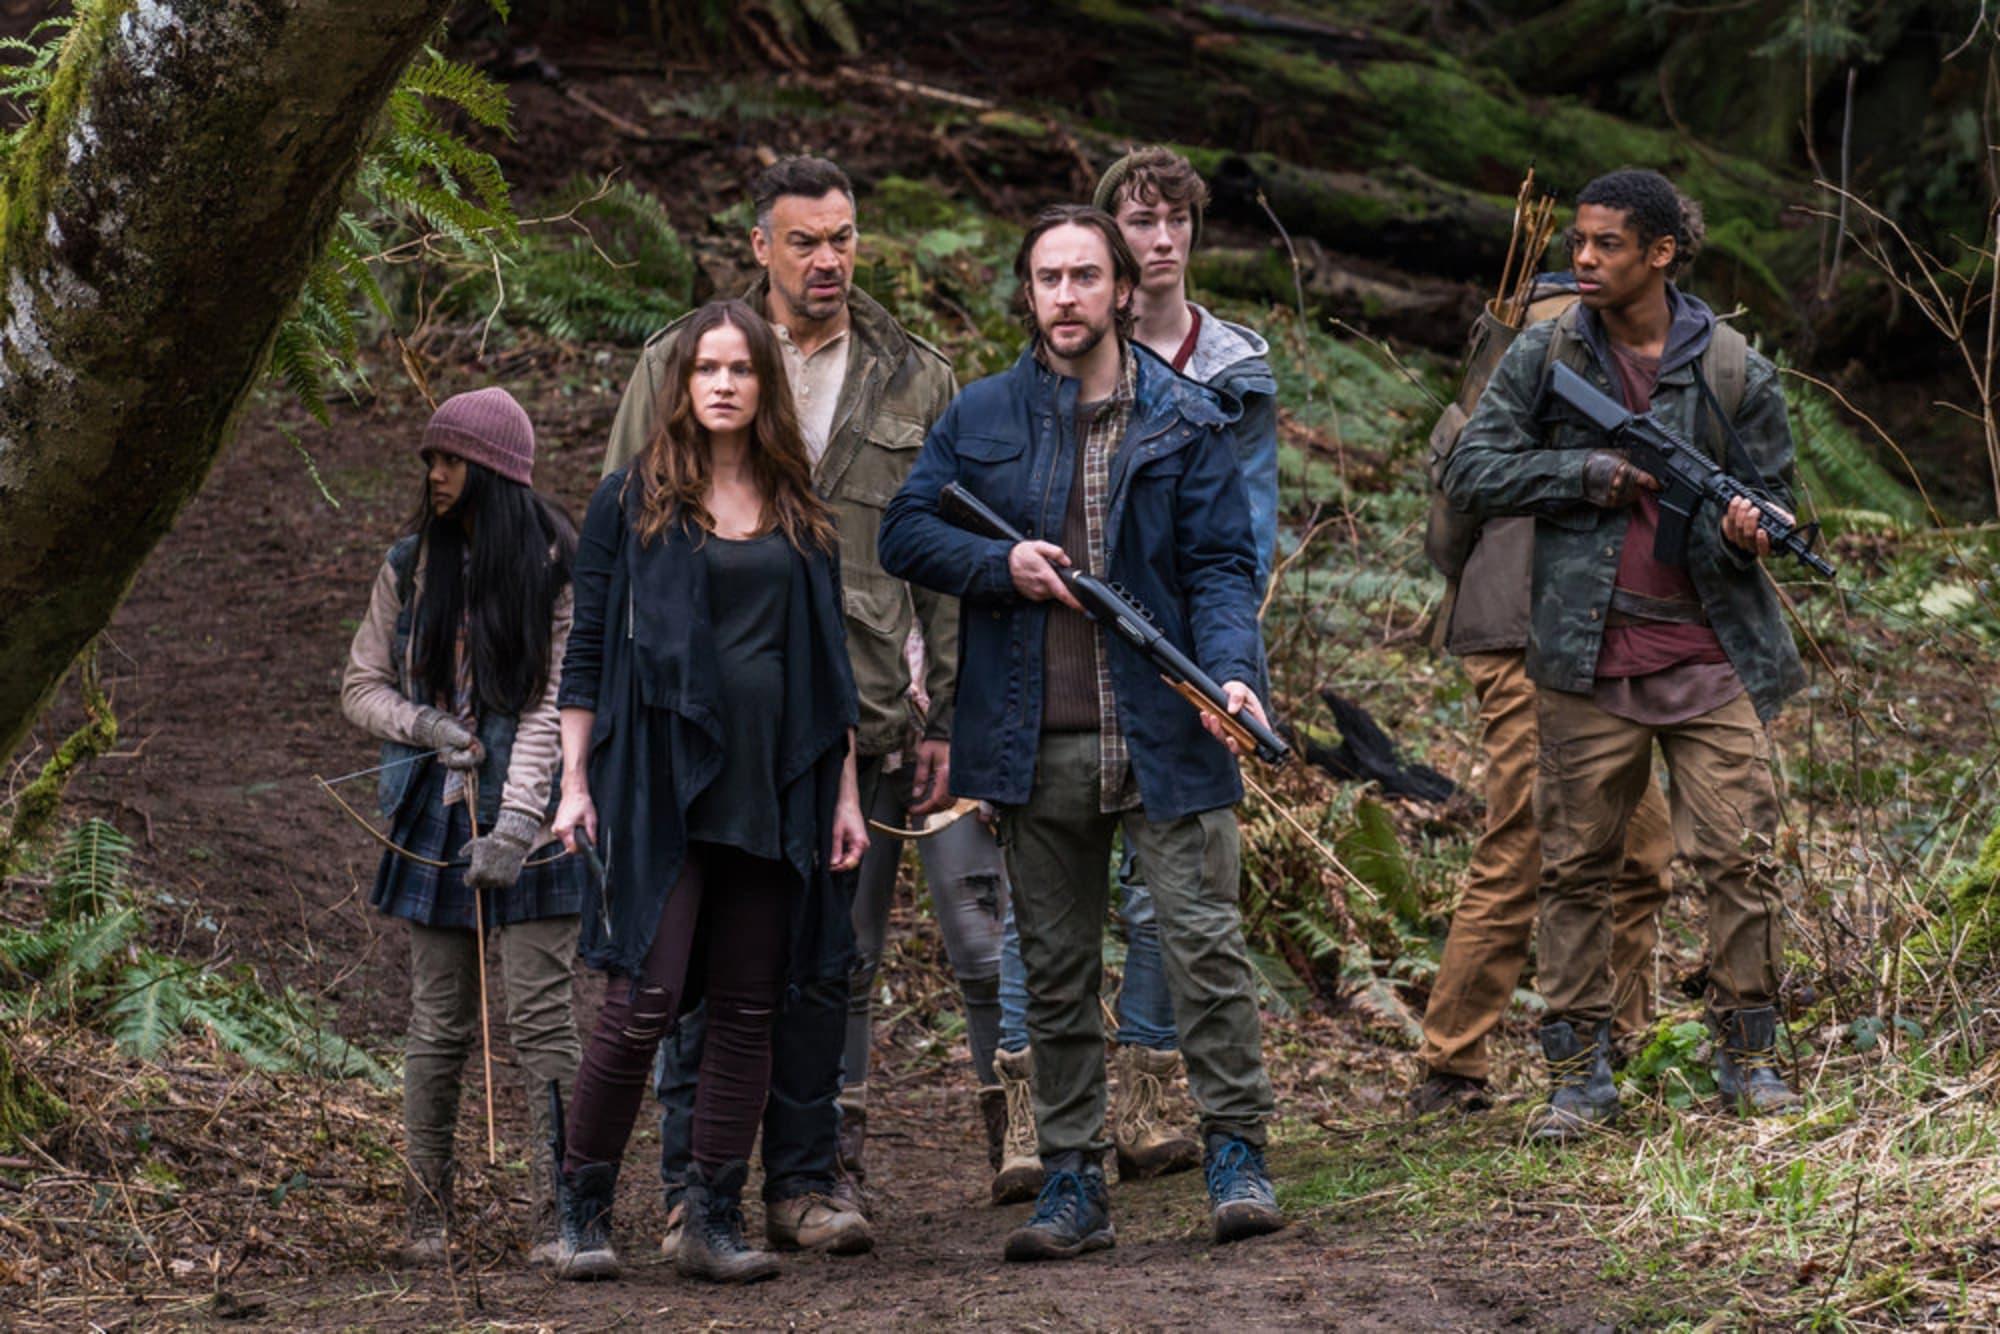 Van Helsing Season 5 Episode 7 Release Date and Spoilers